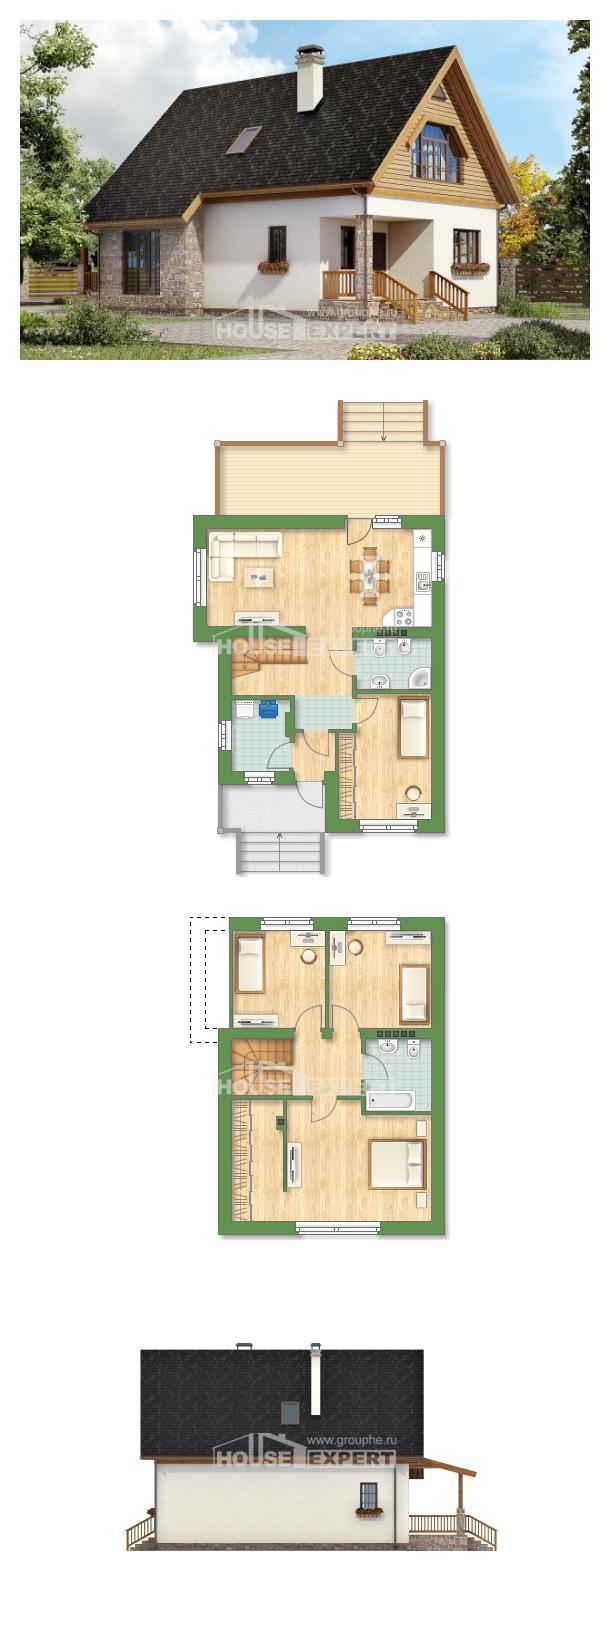 Plan 140-001-L   House Expert